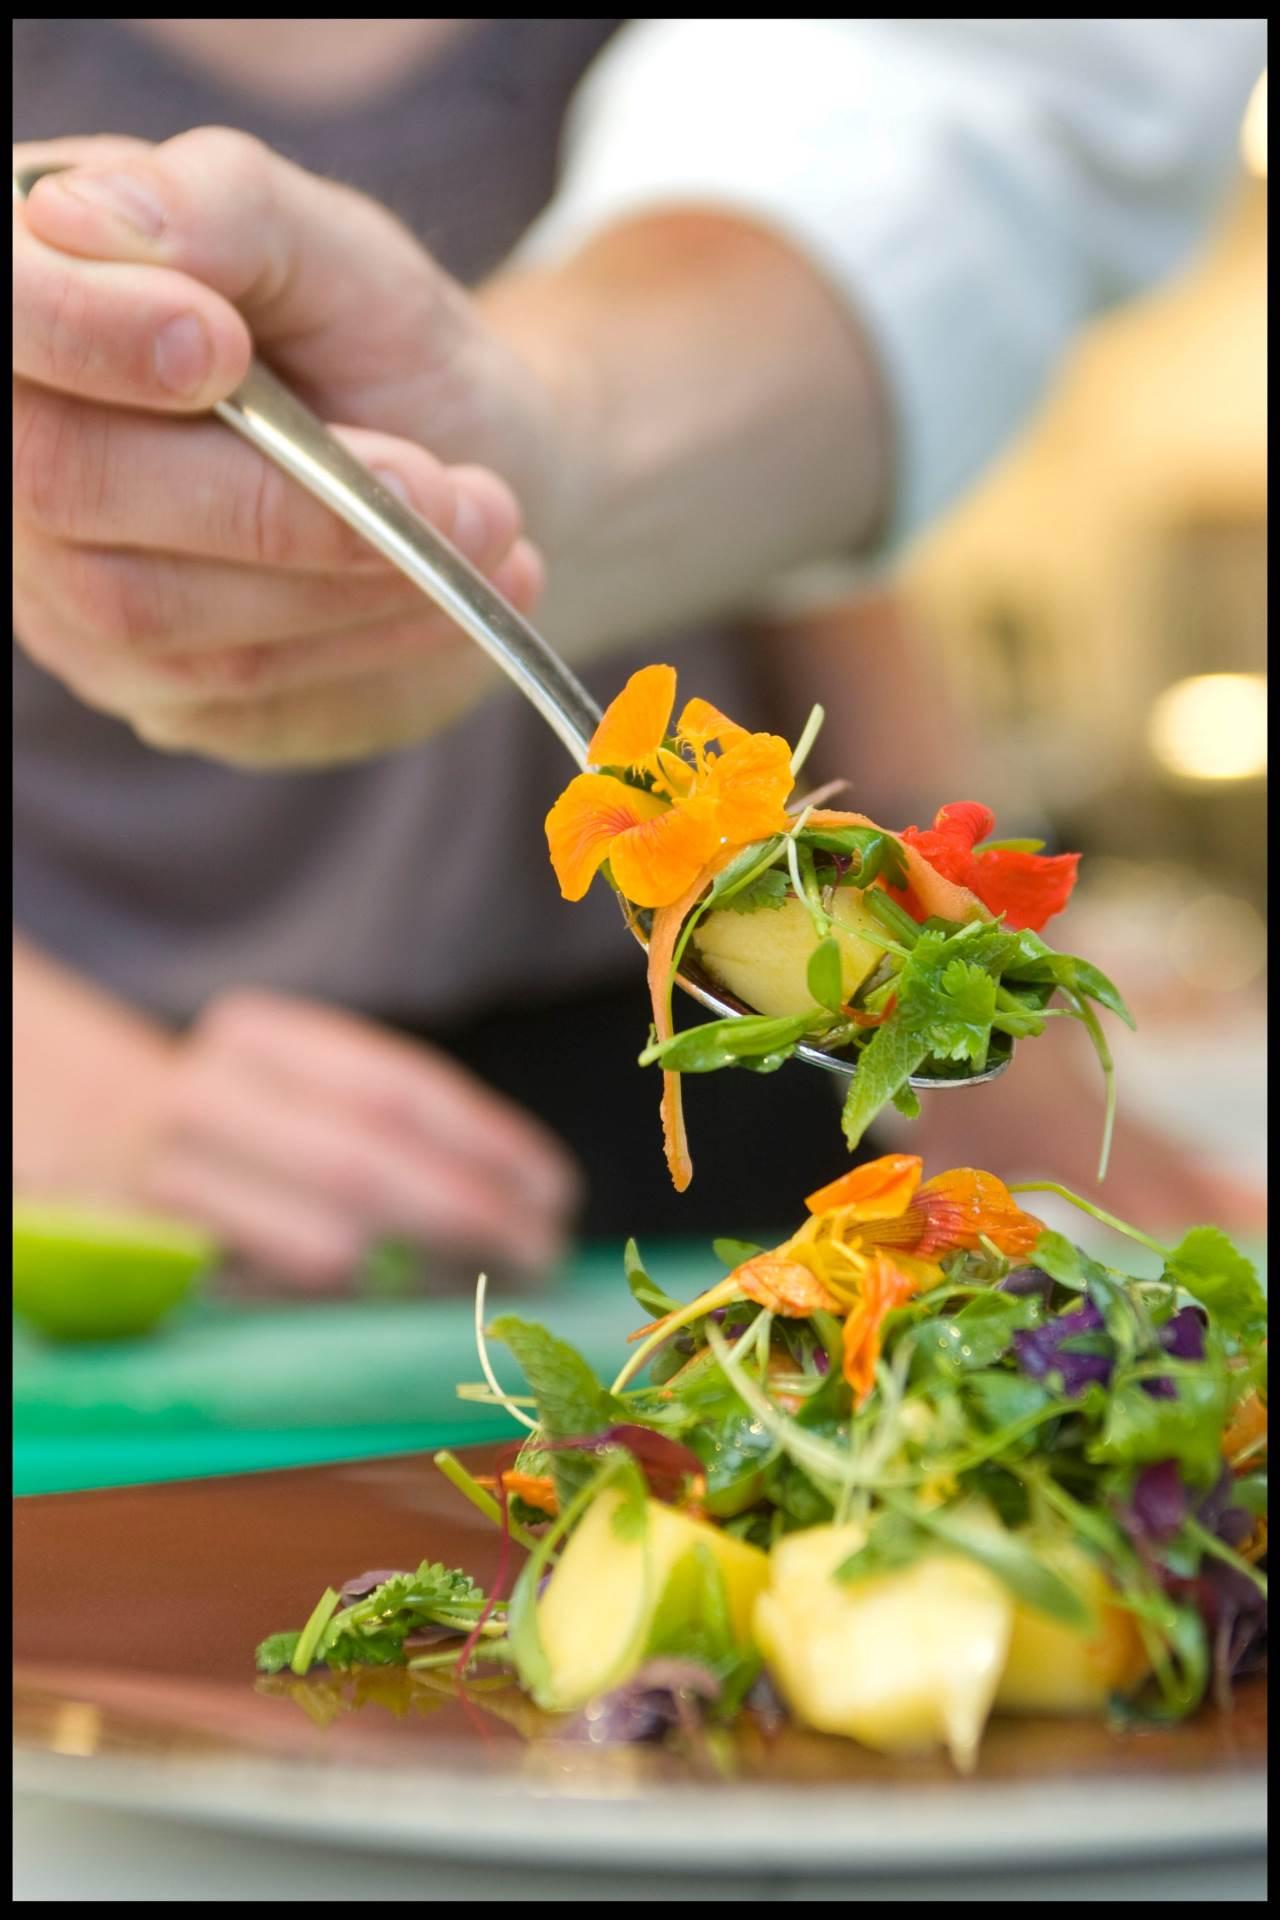 Cvijeće možete dodati u salatu